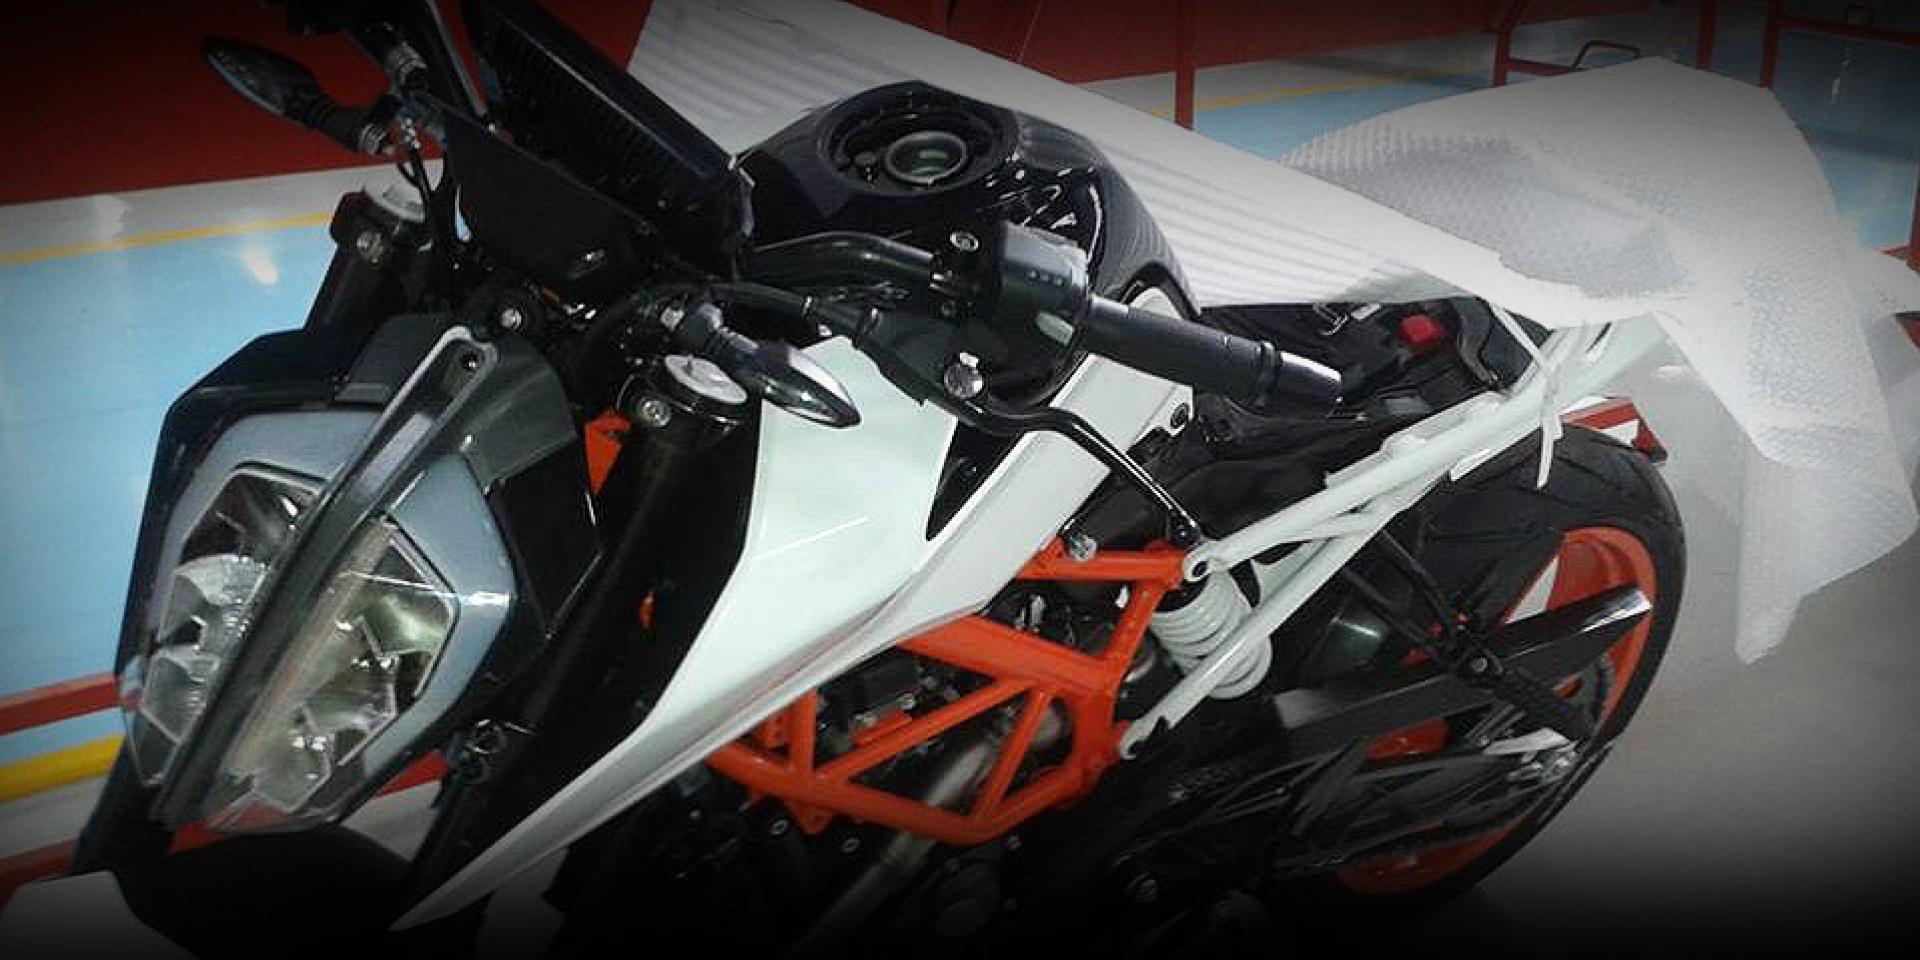 廠照外流。2017 KTM 390 DUKE 實車曝光